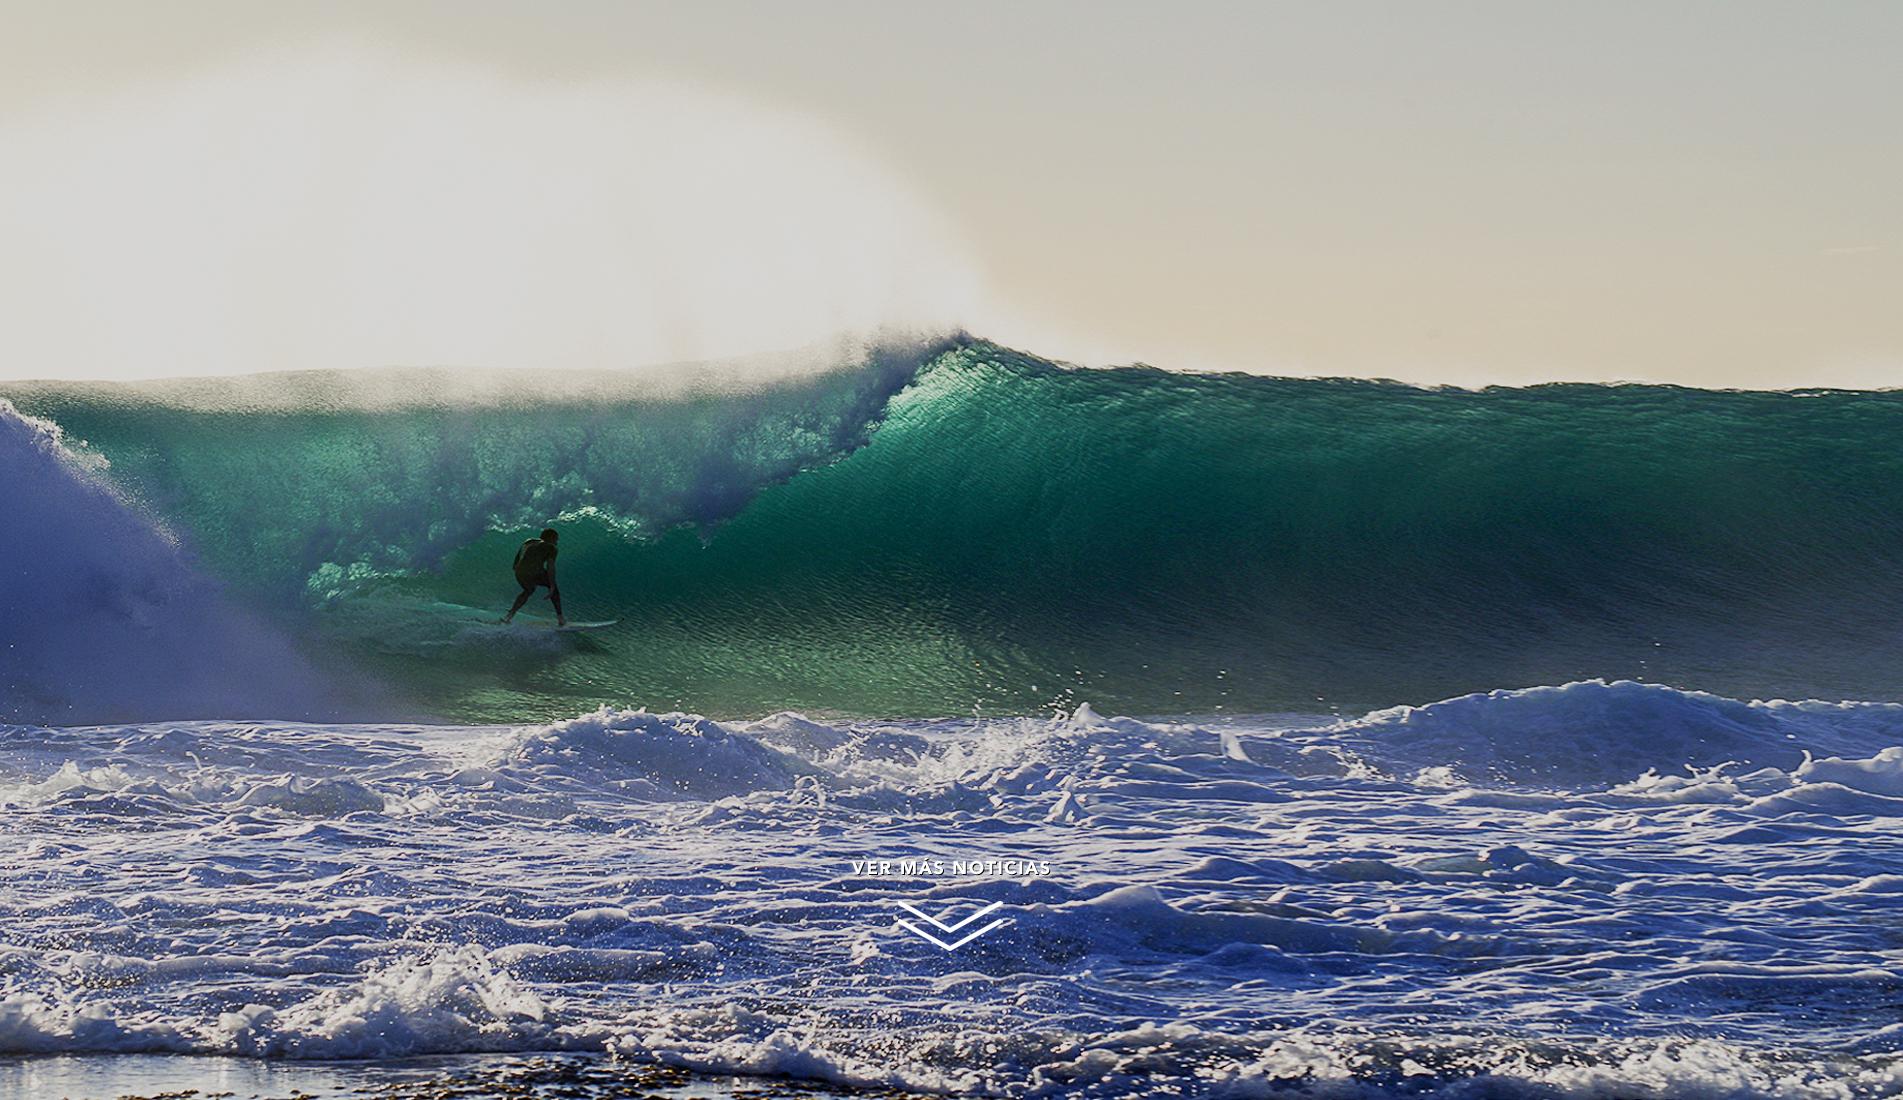 Si pensabas que Grecia no tenía buenas olas, estabas totalmente equivocado